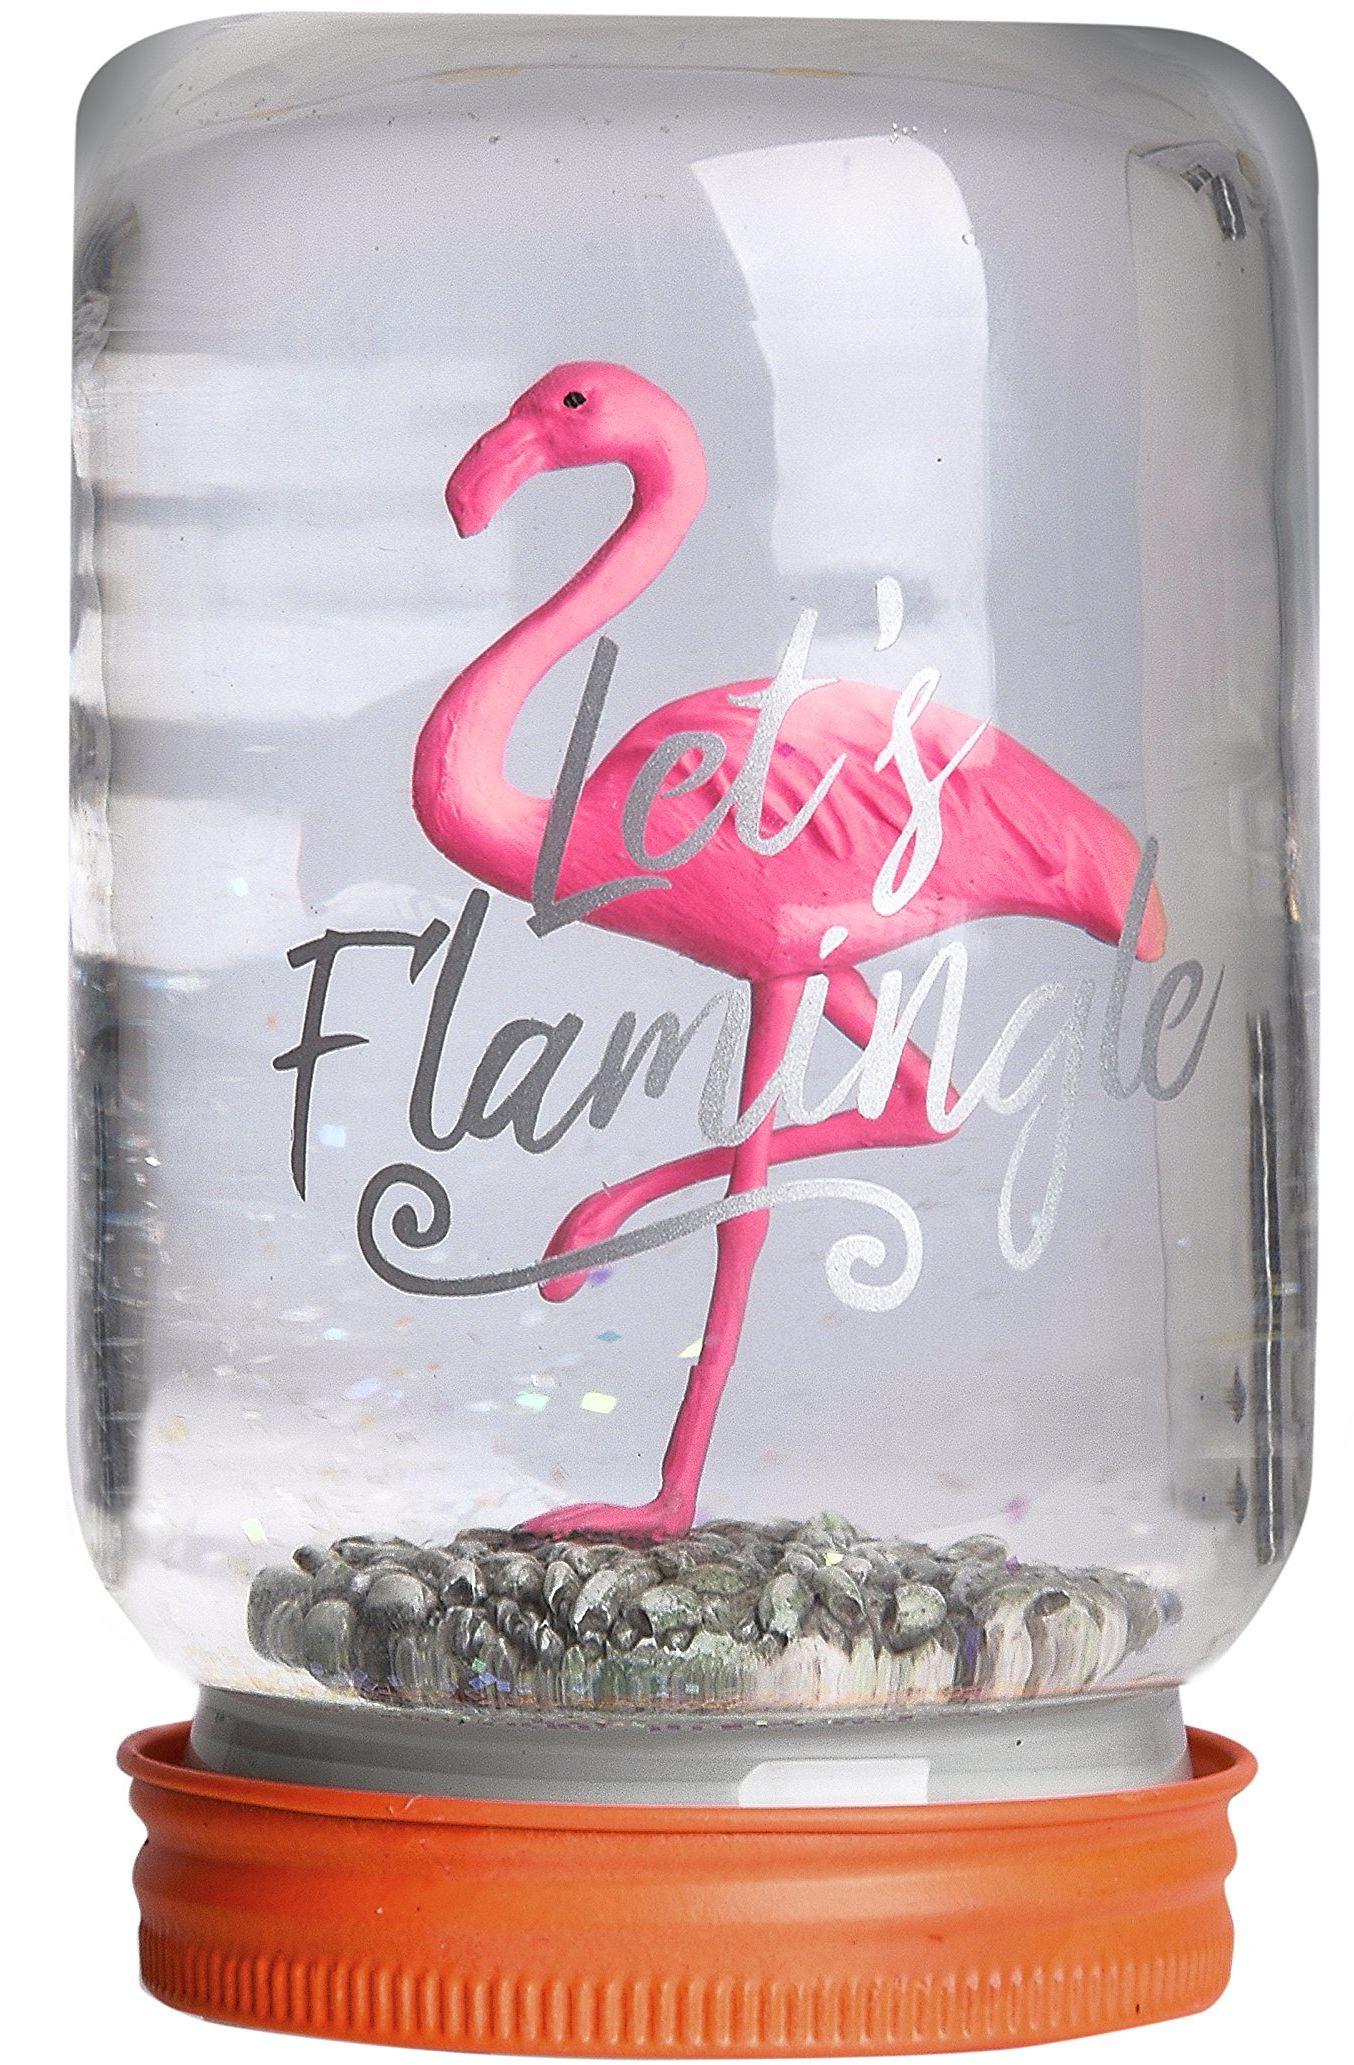 Pusher Jar Snowglobe kula śnieżna-natale-flamingo, różowa, 8 x 8,5 x 13,5 cm